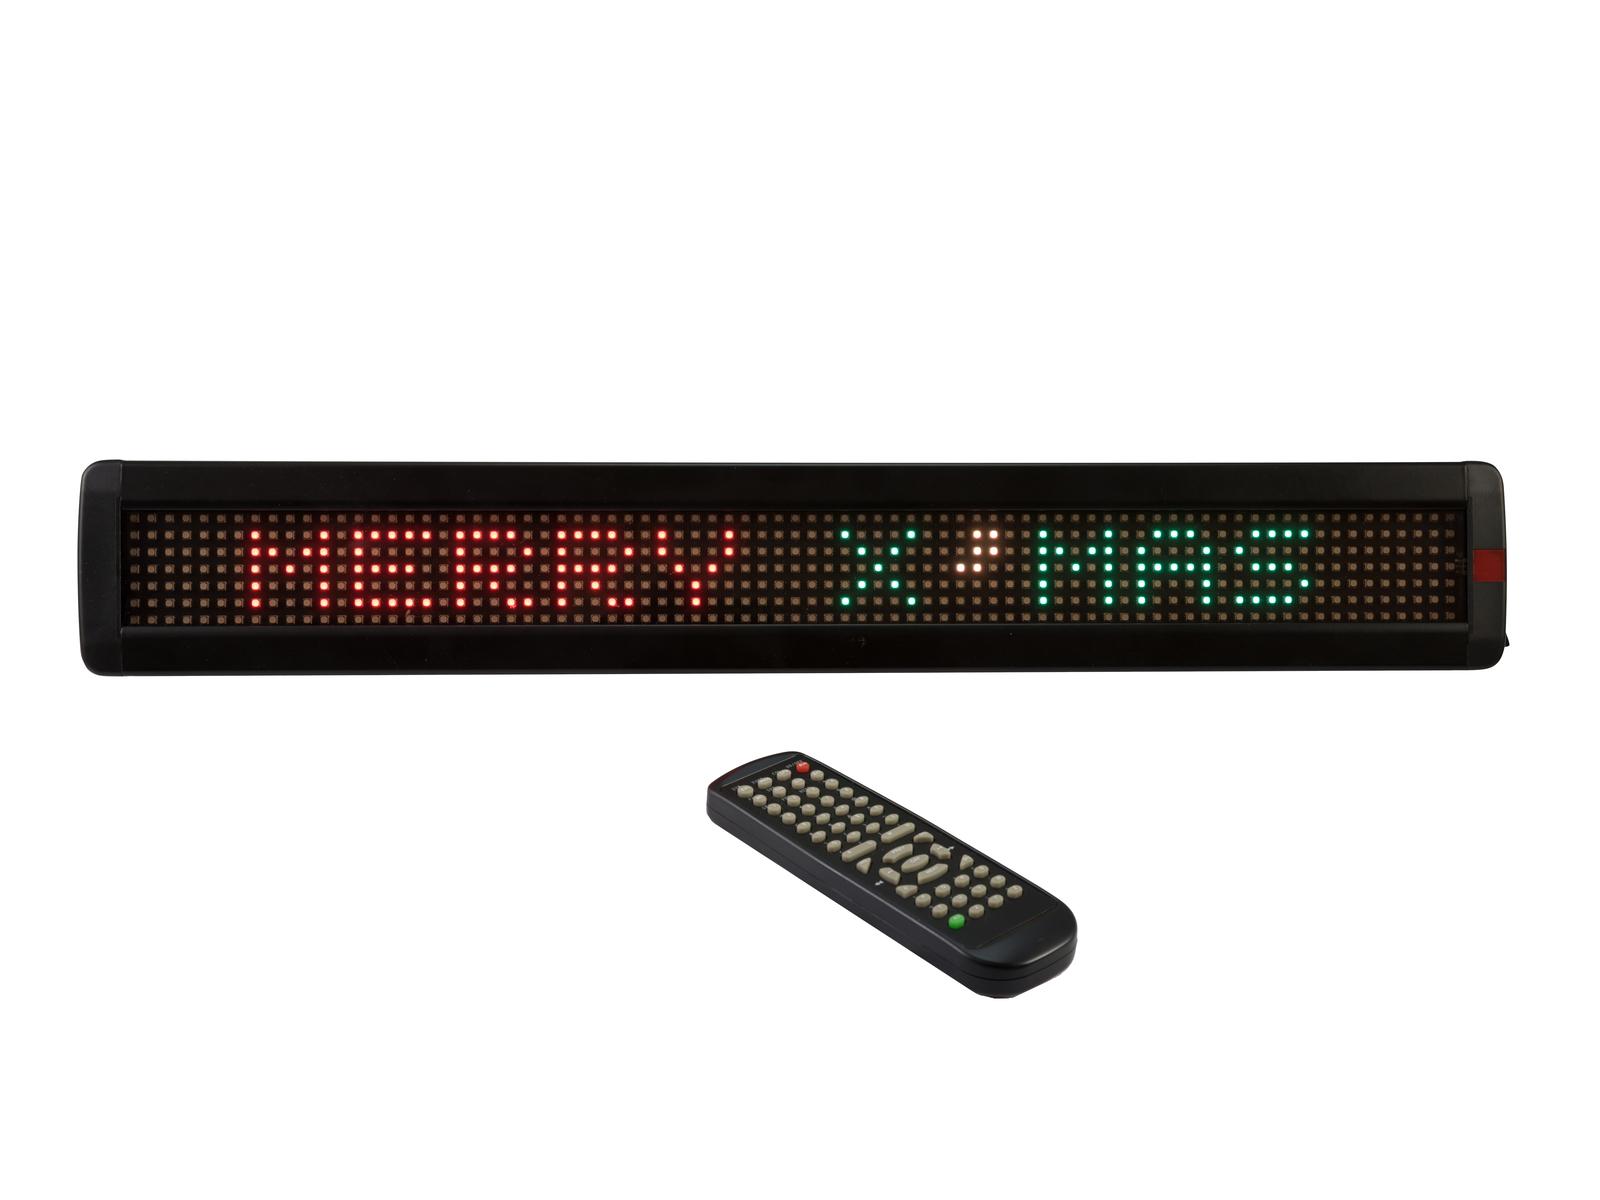 EUROLITE ESN 7x80 USB LAN LED-Laufschrift